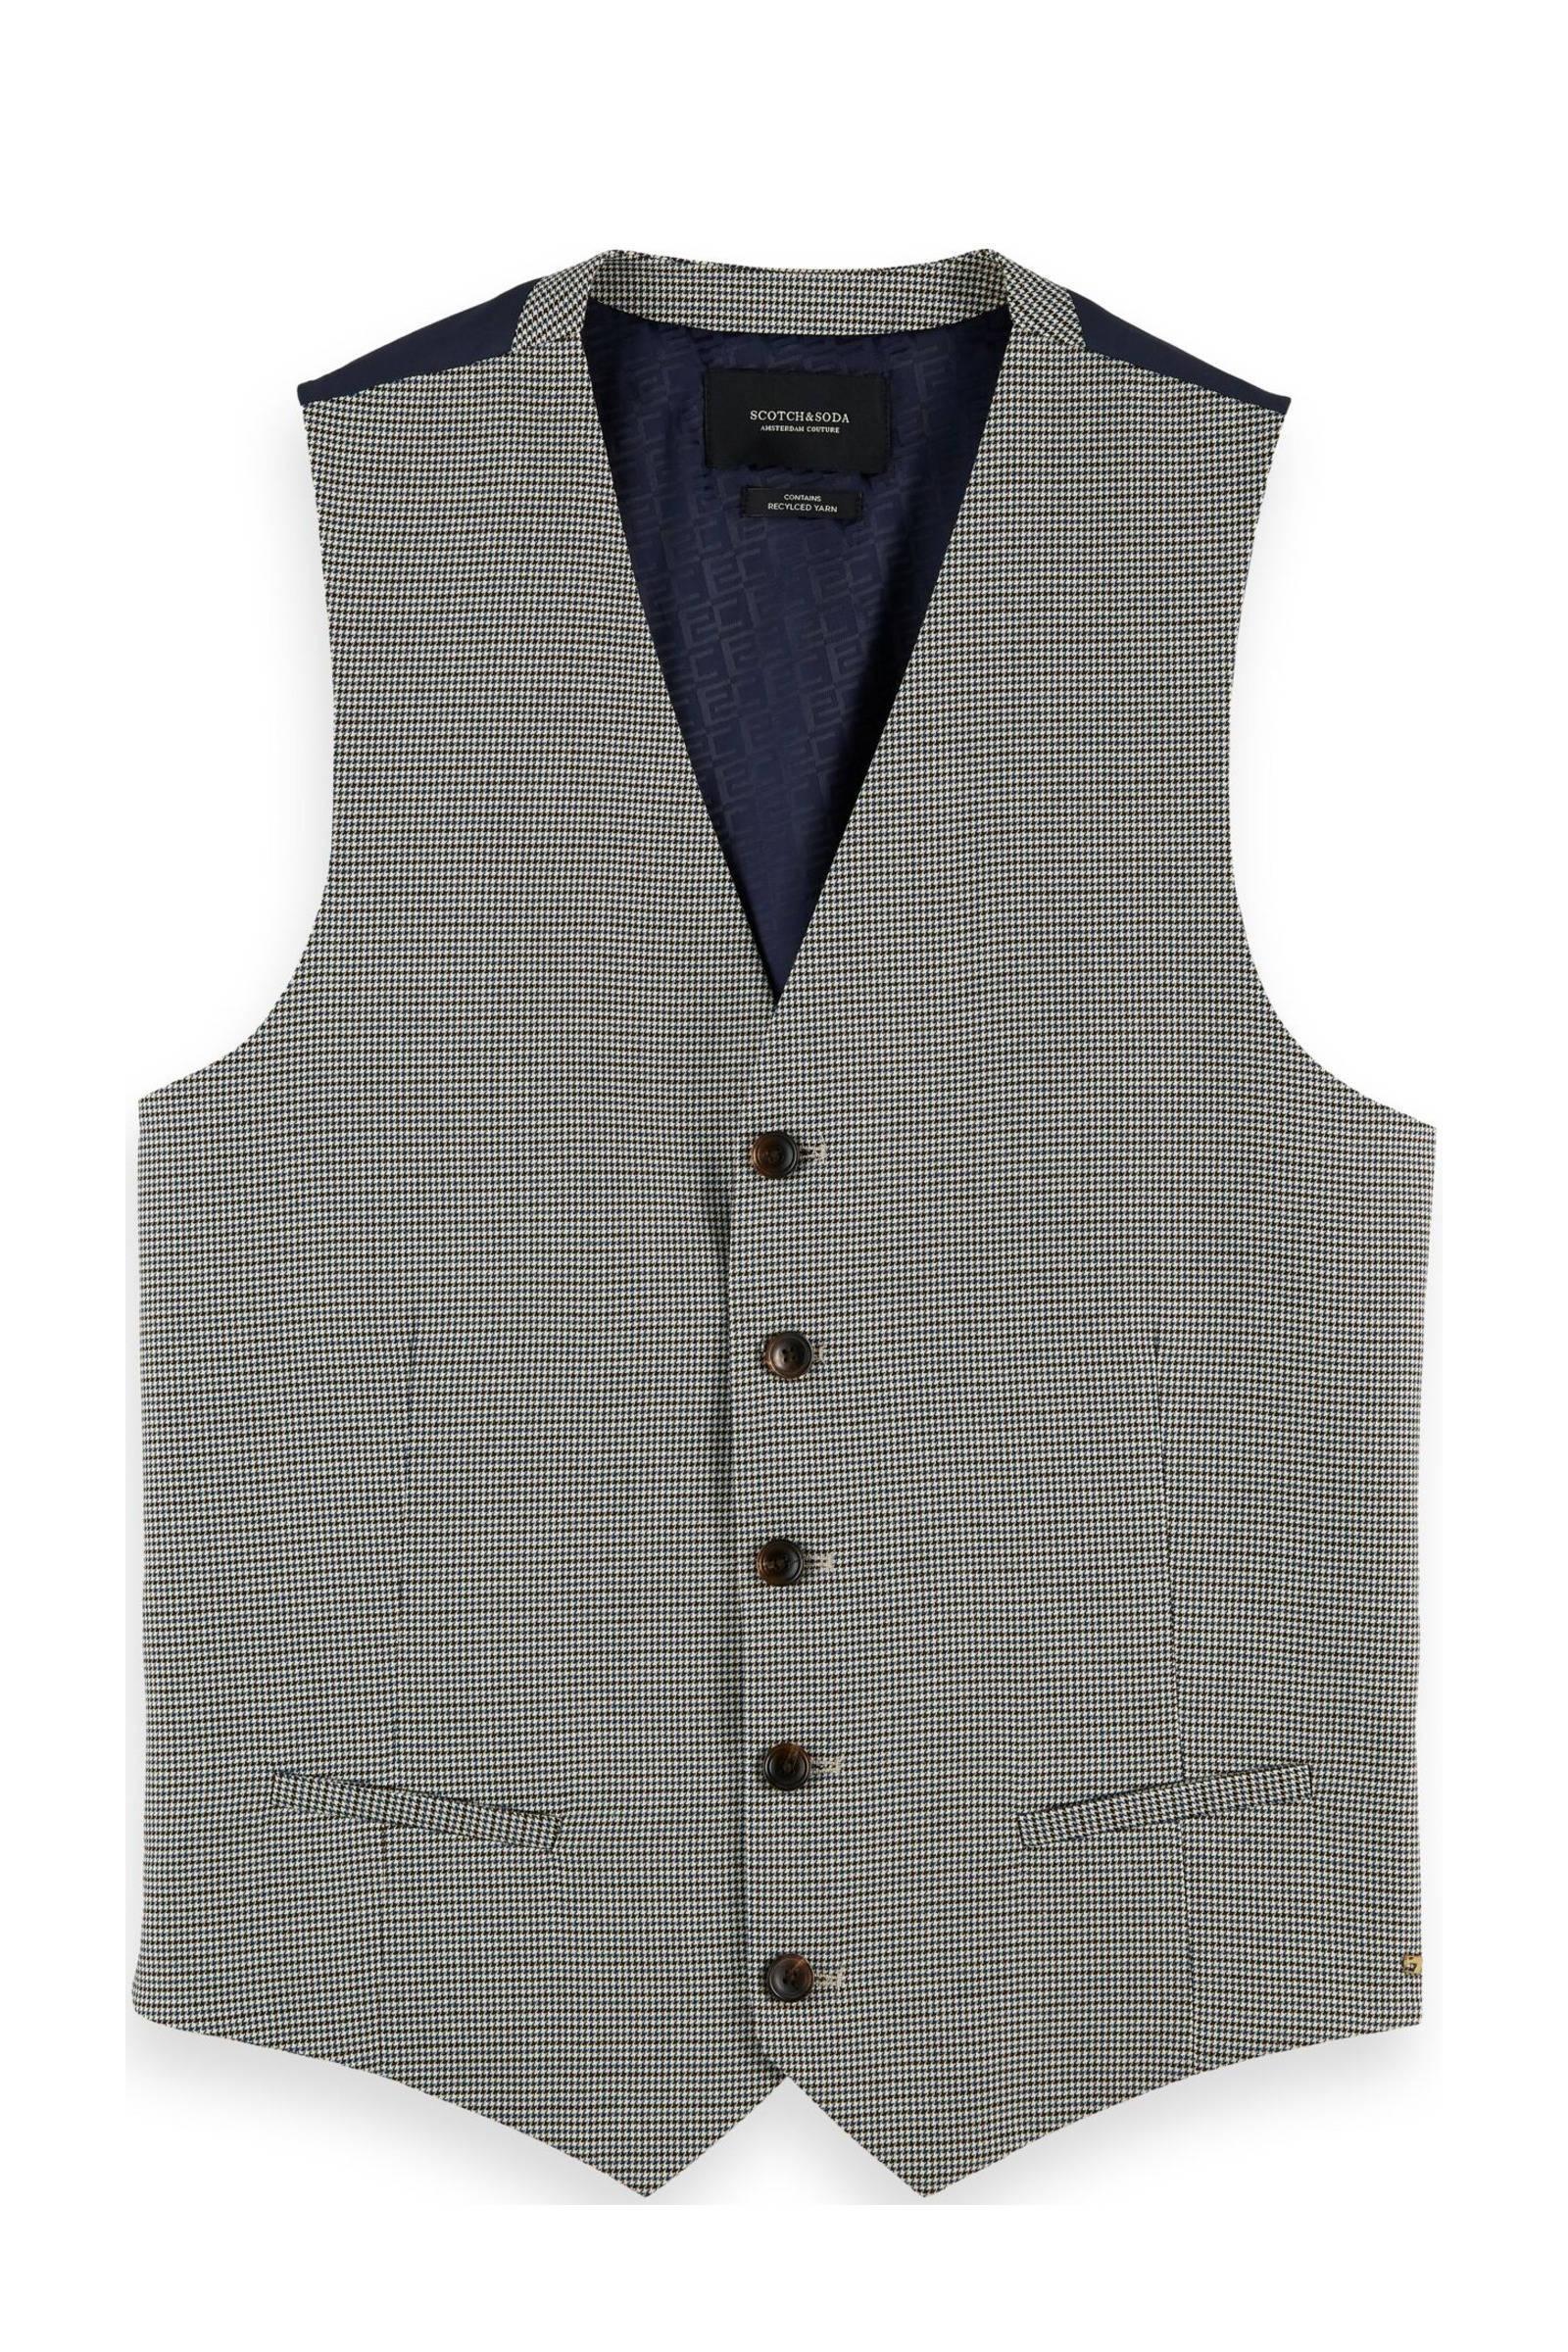 Scotch & Soda gemêleerd gilet van gerecycled polyester grijs melange online kopen